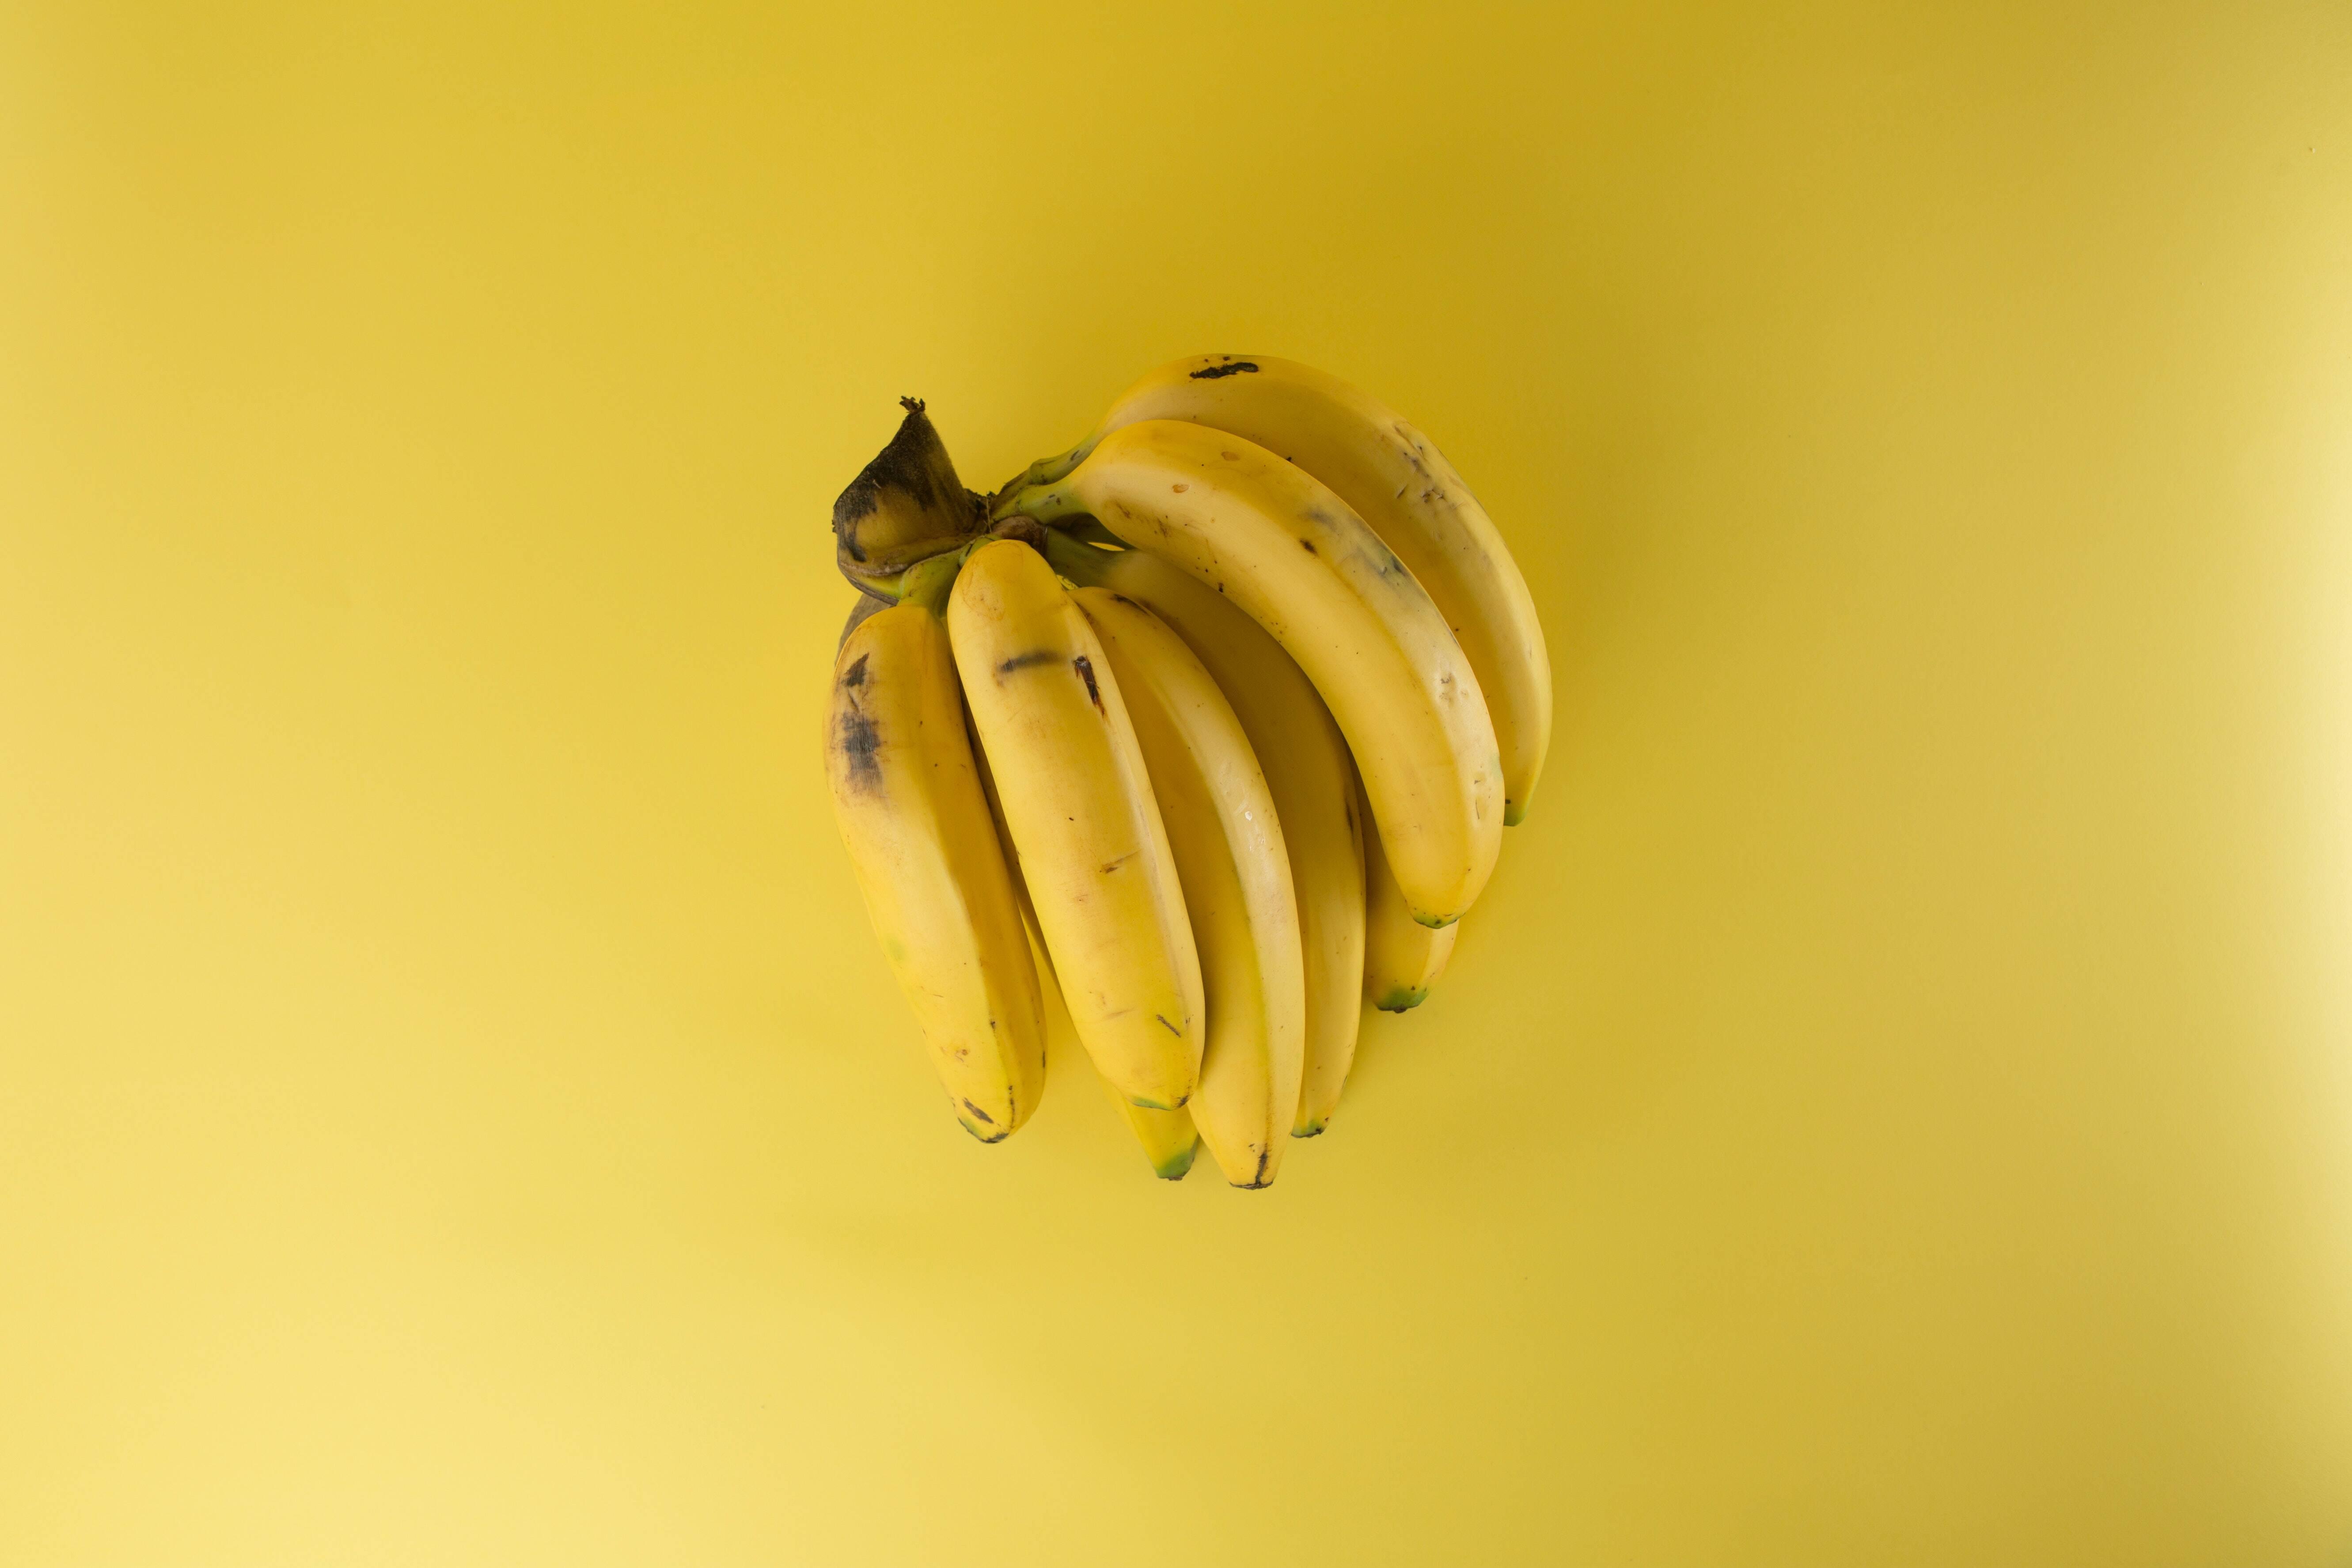 8.- Banana - É rico em minerais necessários ao corpo. Estes incluem ferro, potássio e magnésio. Além de suavizar a pele, eles também ajudam a aliviar dores musculares e a curar queimaduras de sol. A banana também é um excelente ingrediente para fazer máscaras faciais, junto com mel e iogurte. Formam uma combinação perfeita para hidratar e purificar a pele. Você também pode prepará-los com leite e limão e isso ajudará a remover o excesso de óleo da pele. (Foto: Pexels)